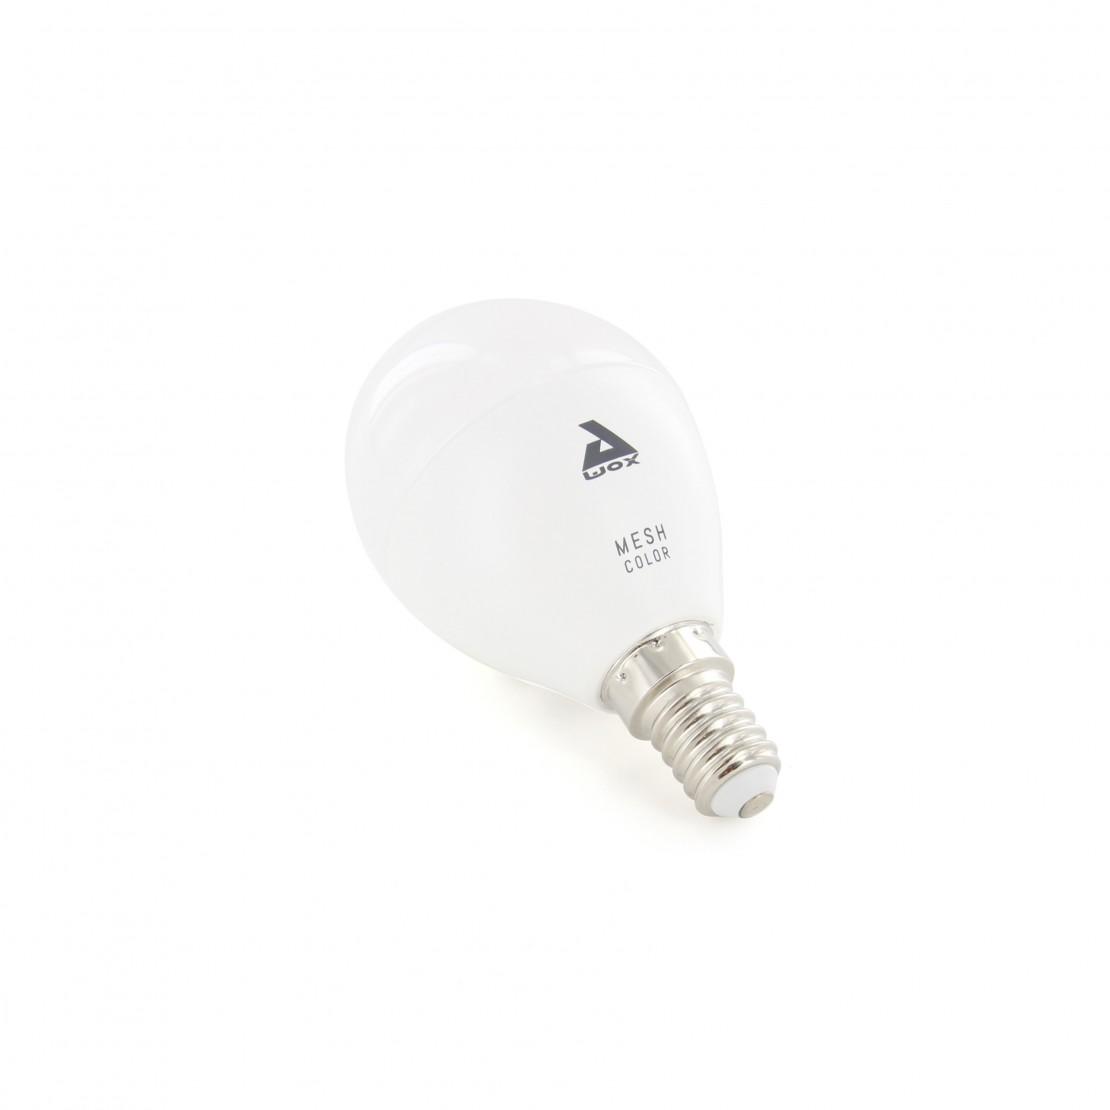 SmartLIGHT - ampoule E14 couleur Buetooth Mesh